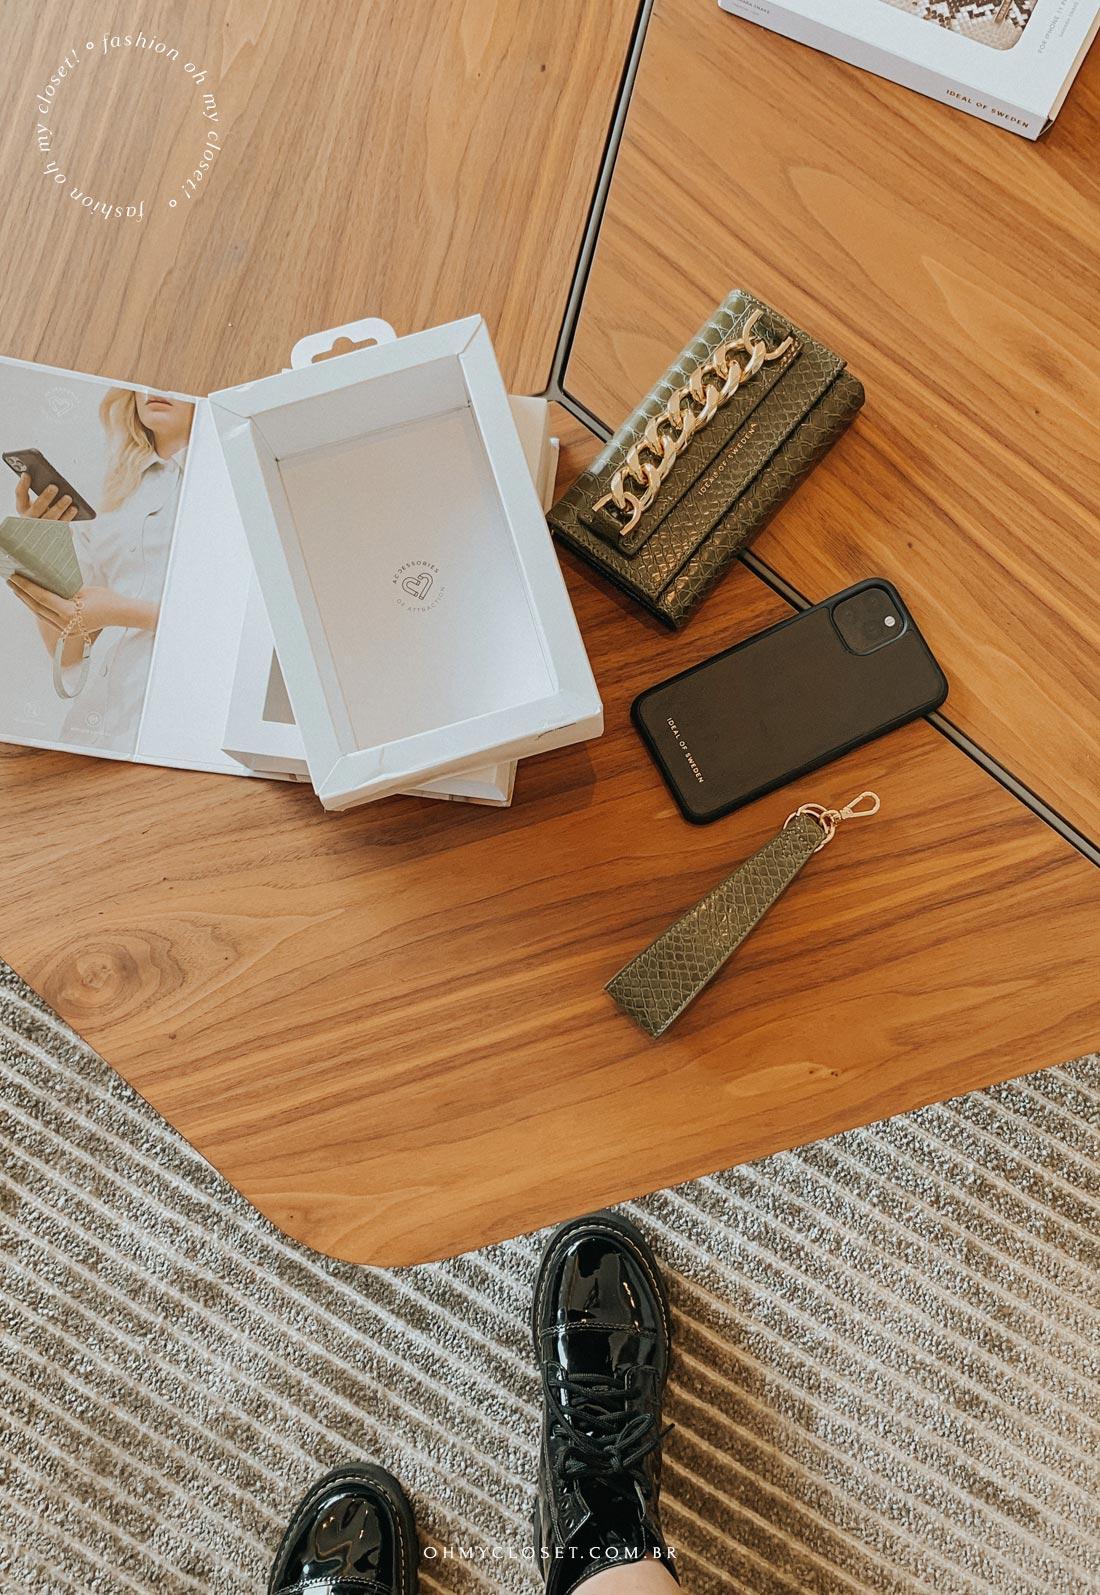 Bolsa para celular e cartões com capinha magnética para iPhone